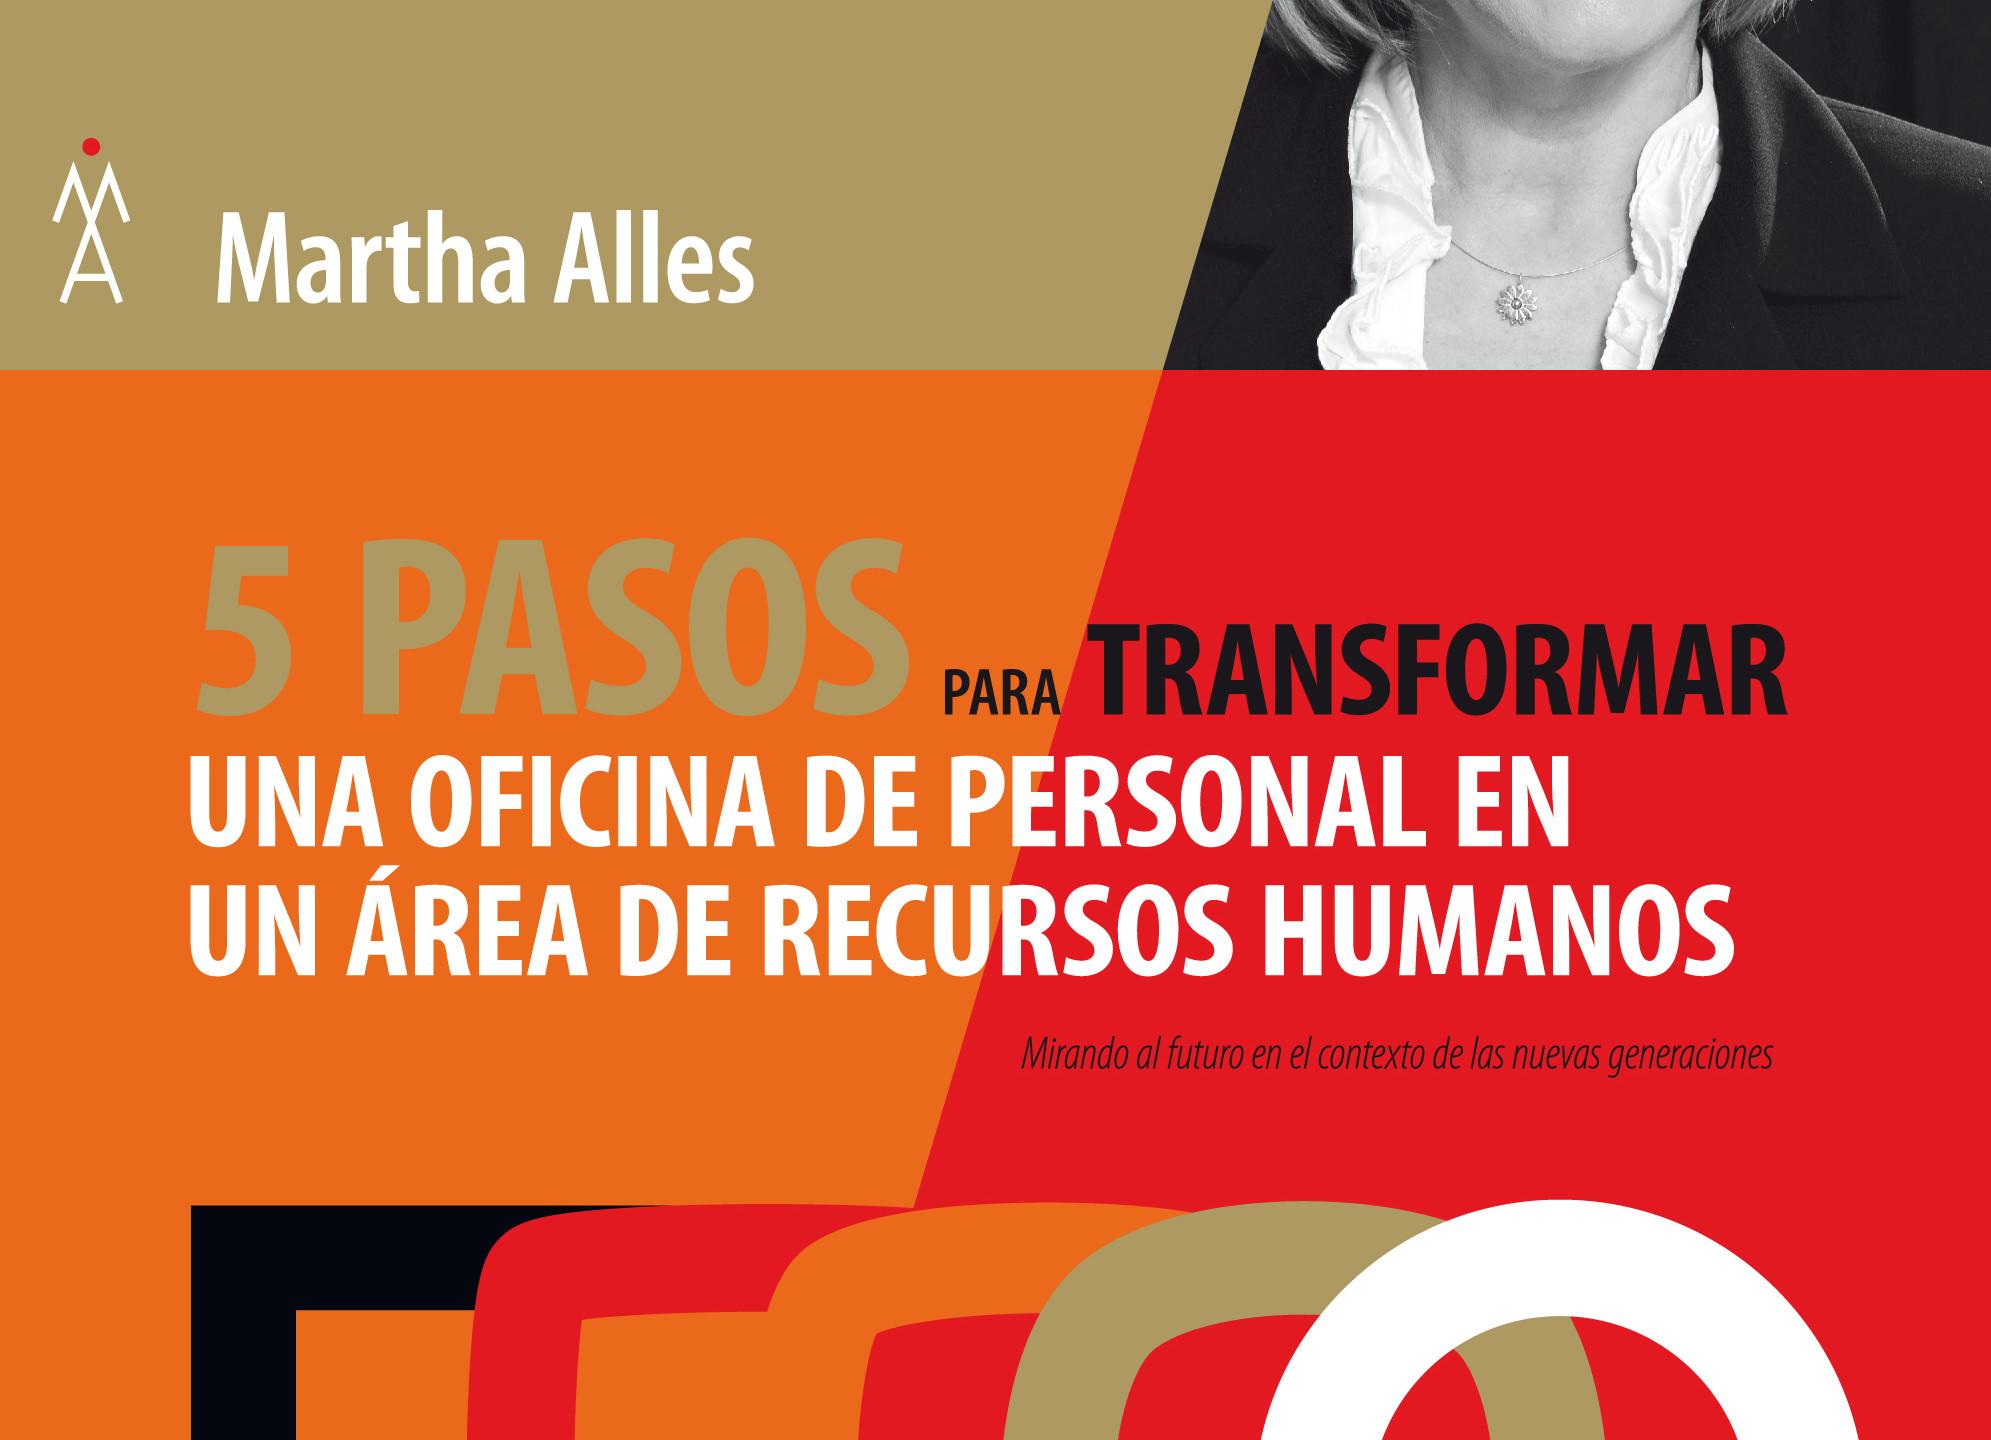 5_Pasos_nueva_edición